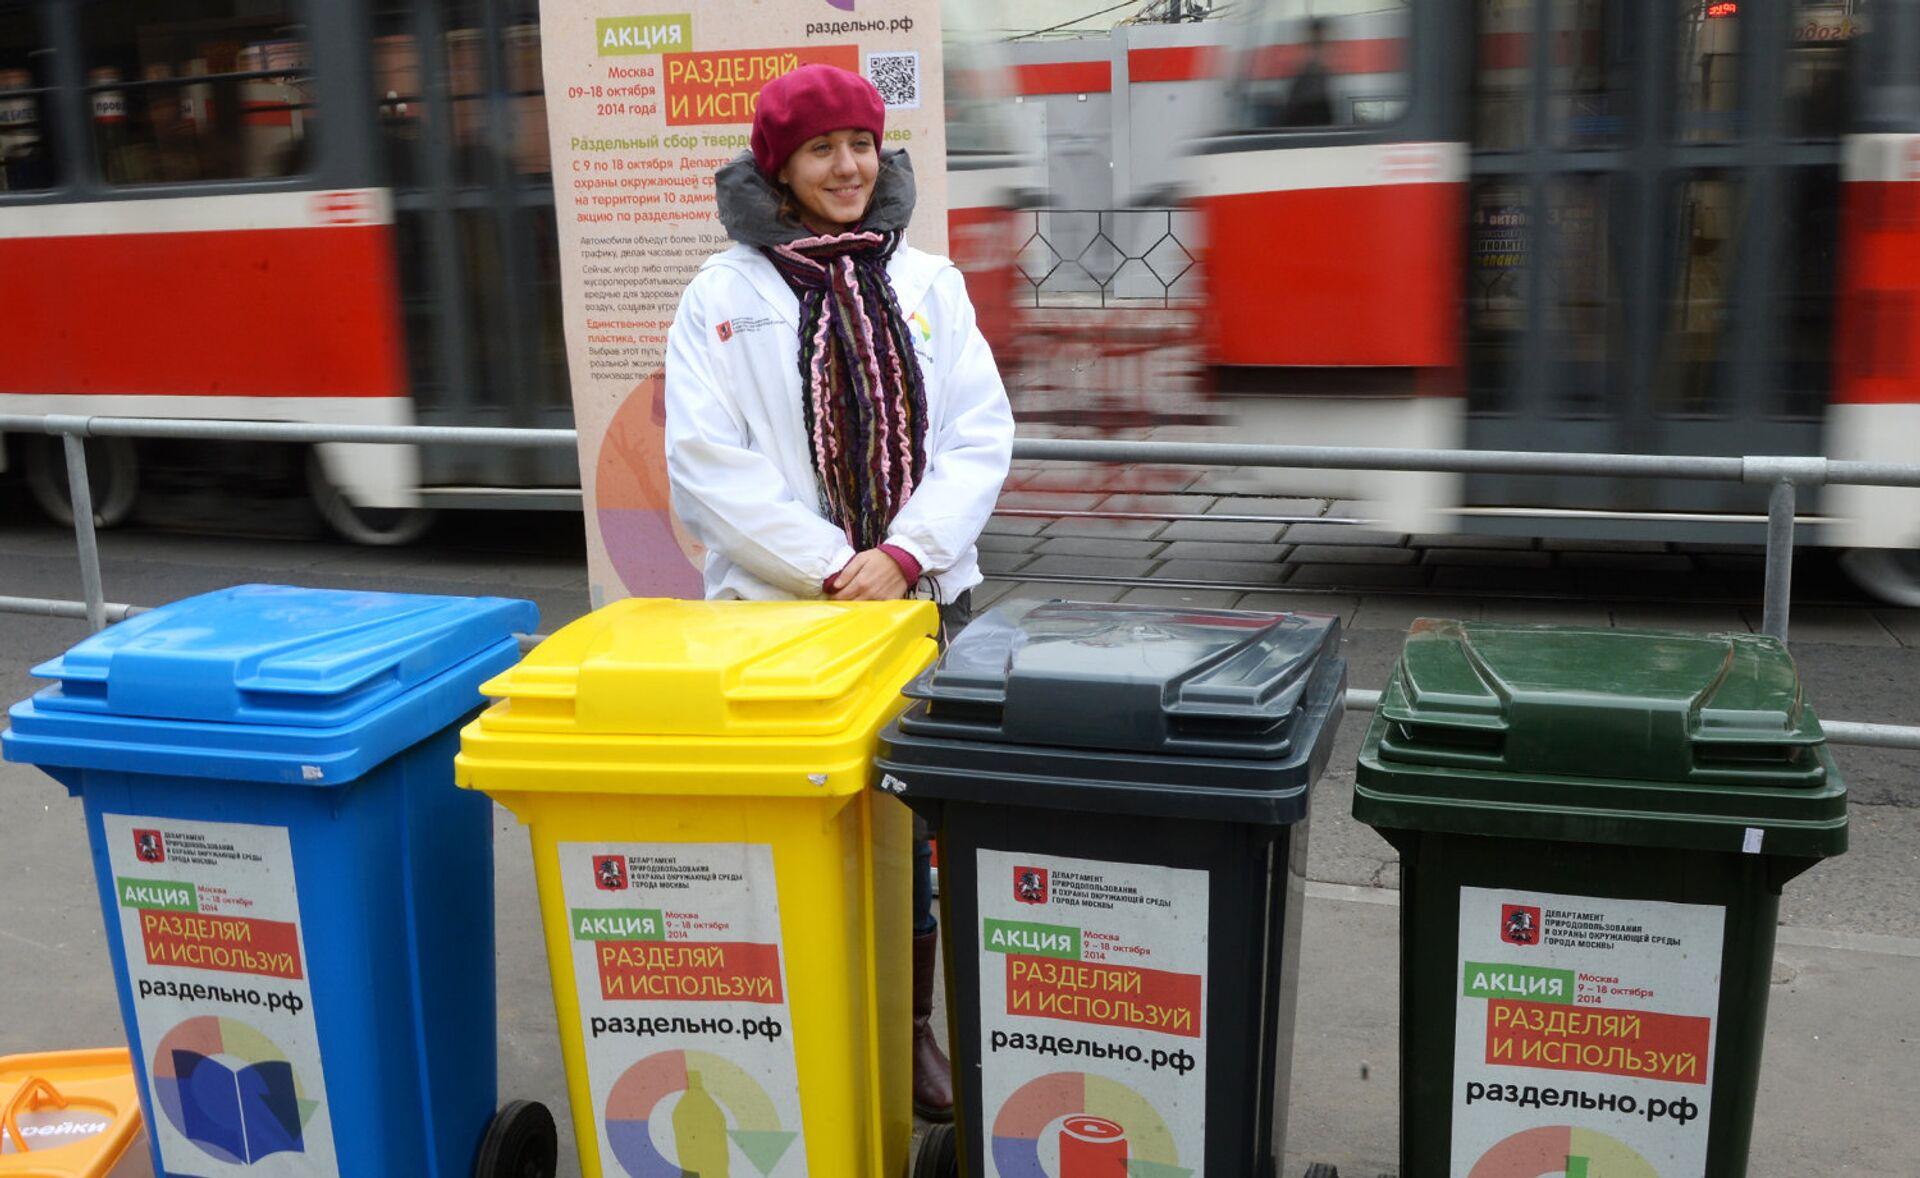 На работе вам понадобилось выбросить бумажный стаканчик из-под кофе в один из контейнеров для раздельного сбора мусора. Какого обычно цвета тот, что для бумаги? - РИА Новости, 1920, 09.10.2020